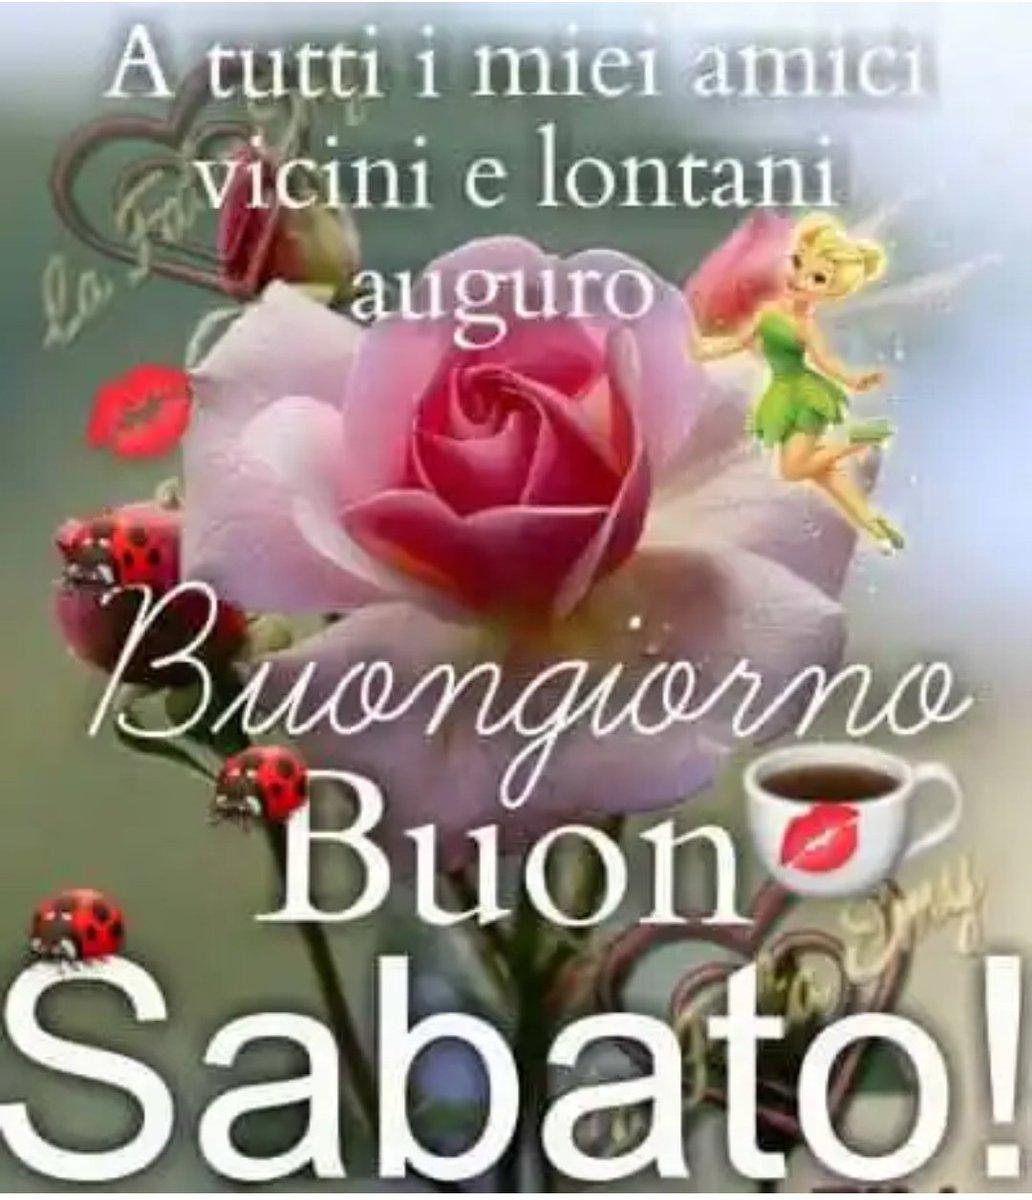 Piera Toninelli Pe Twitter Buongiorno Buon Sabato A Tutti